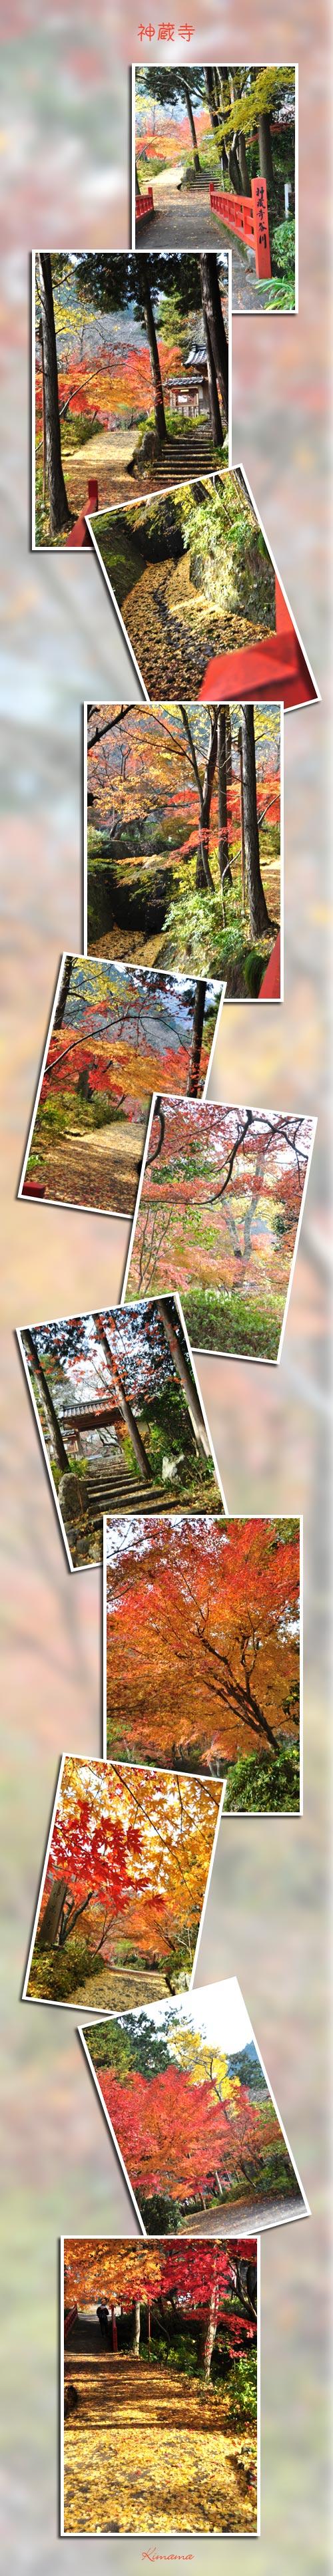 12月4日神蔵寺